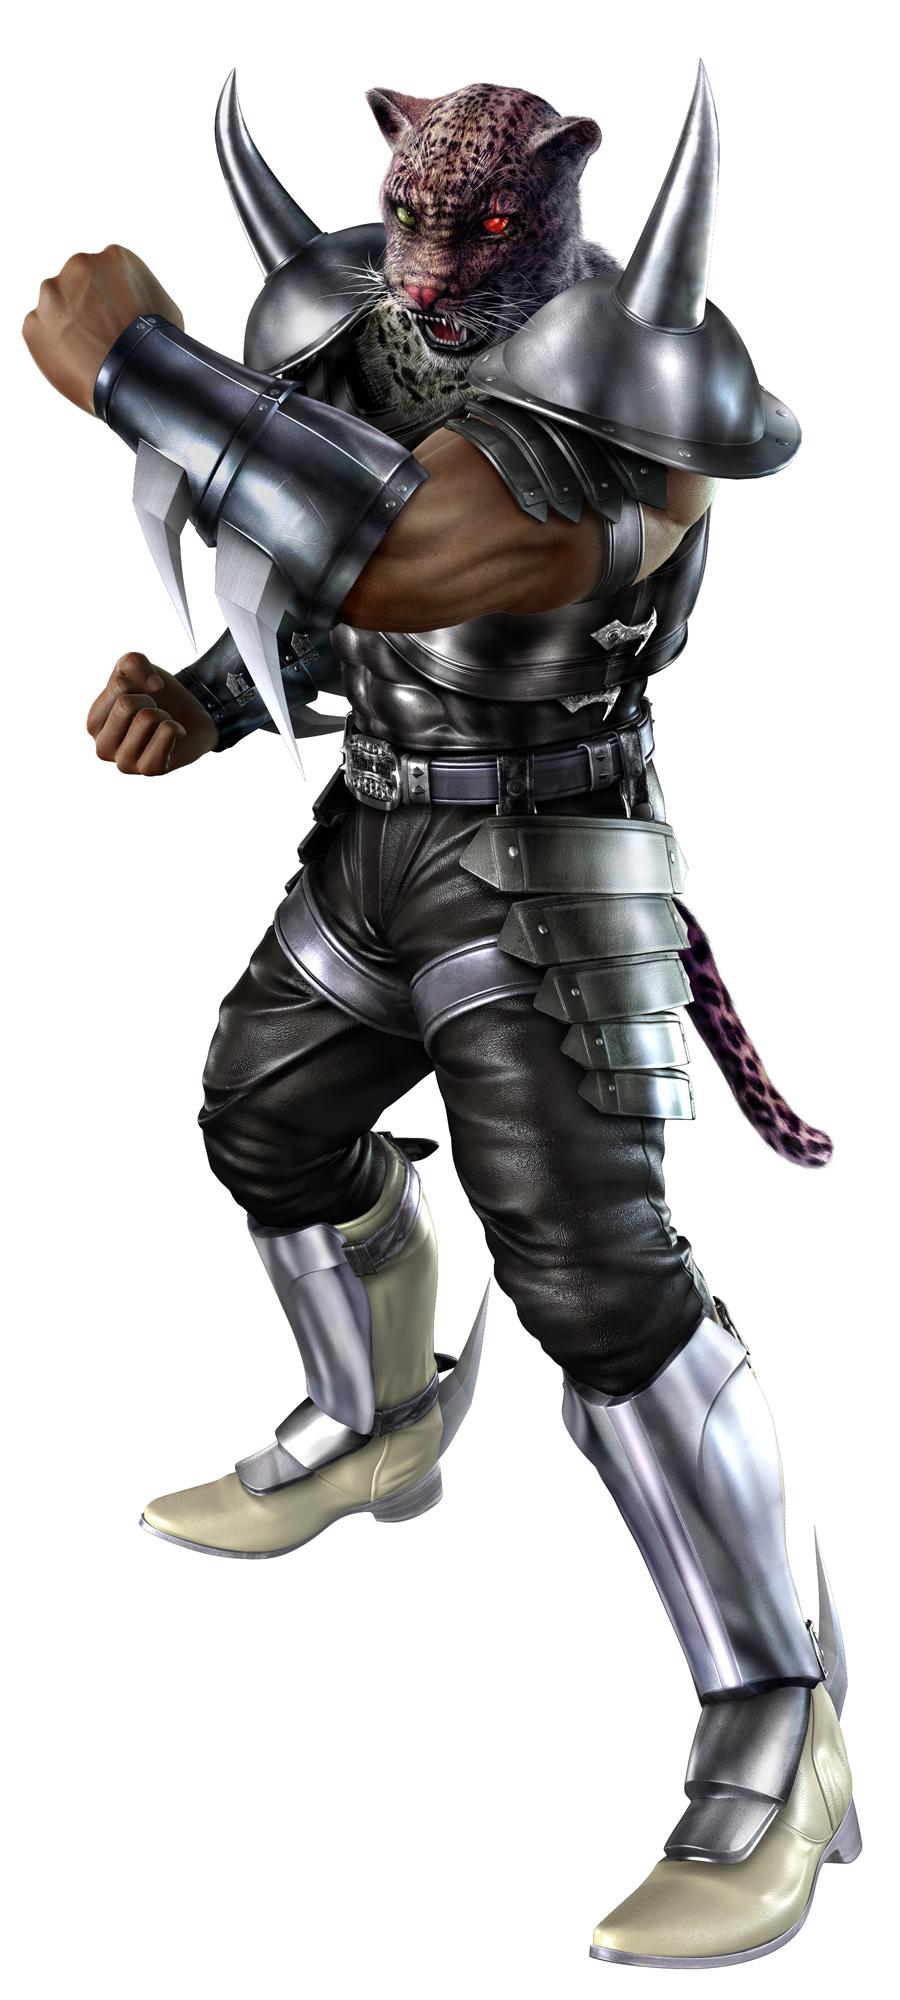 tekken 7 armor king art